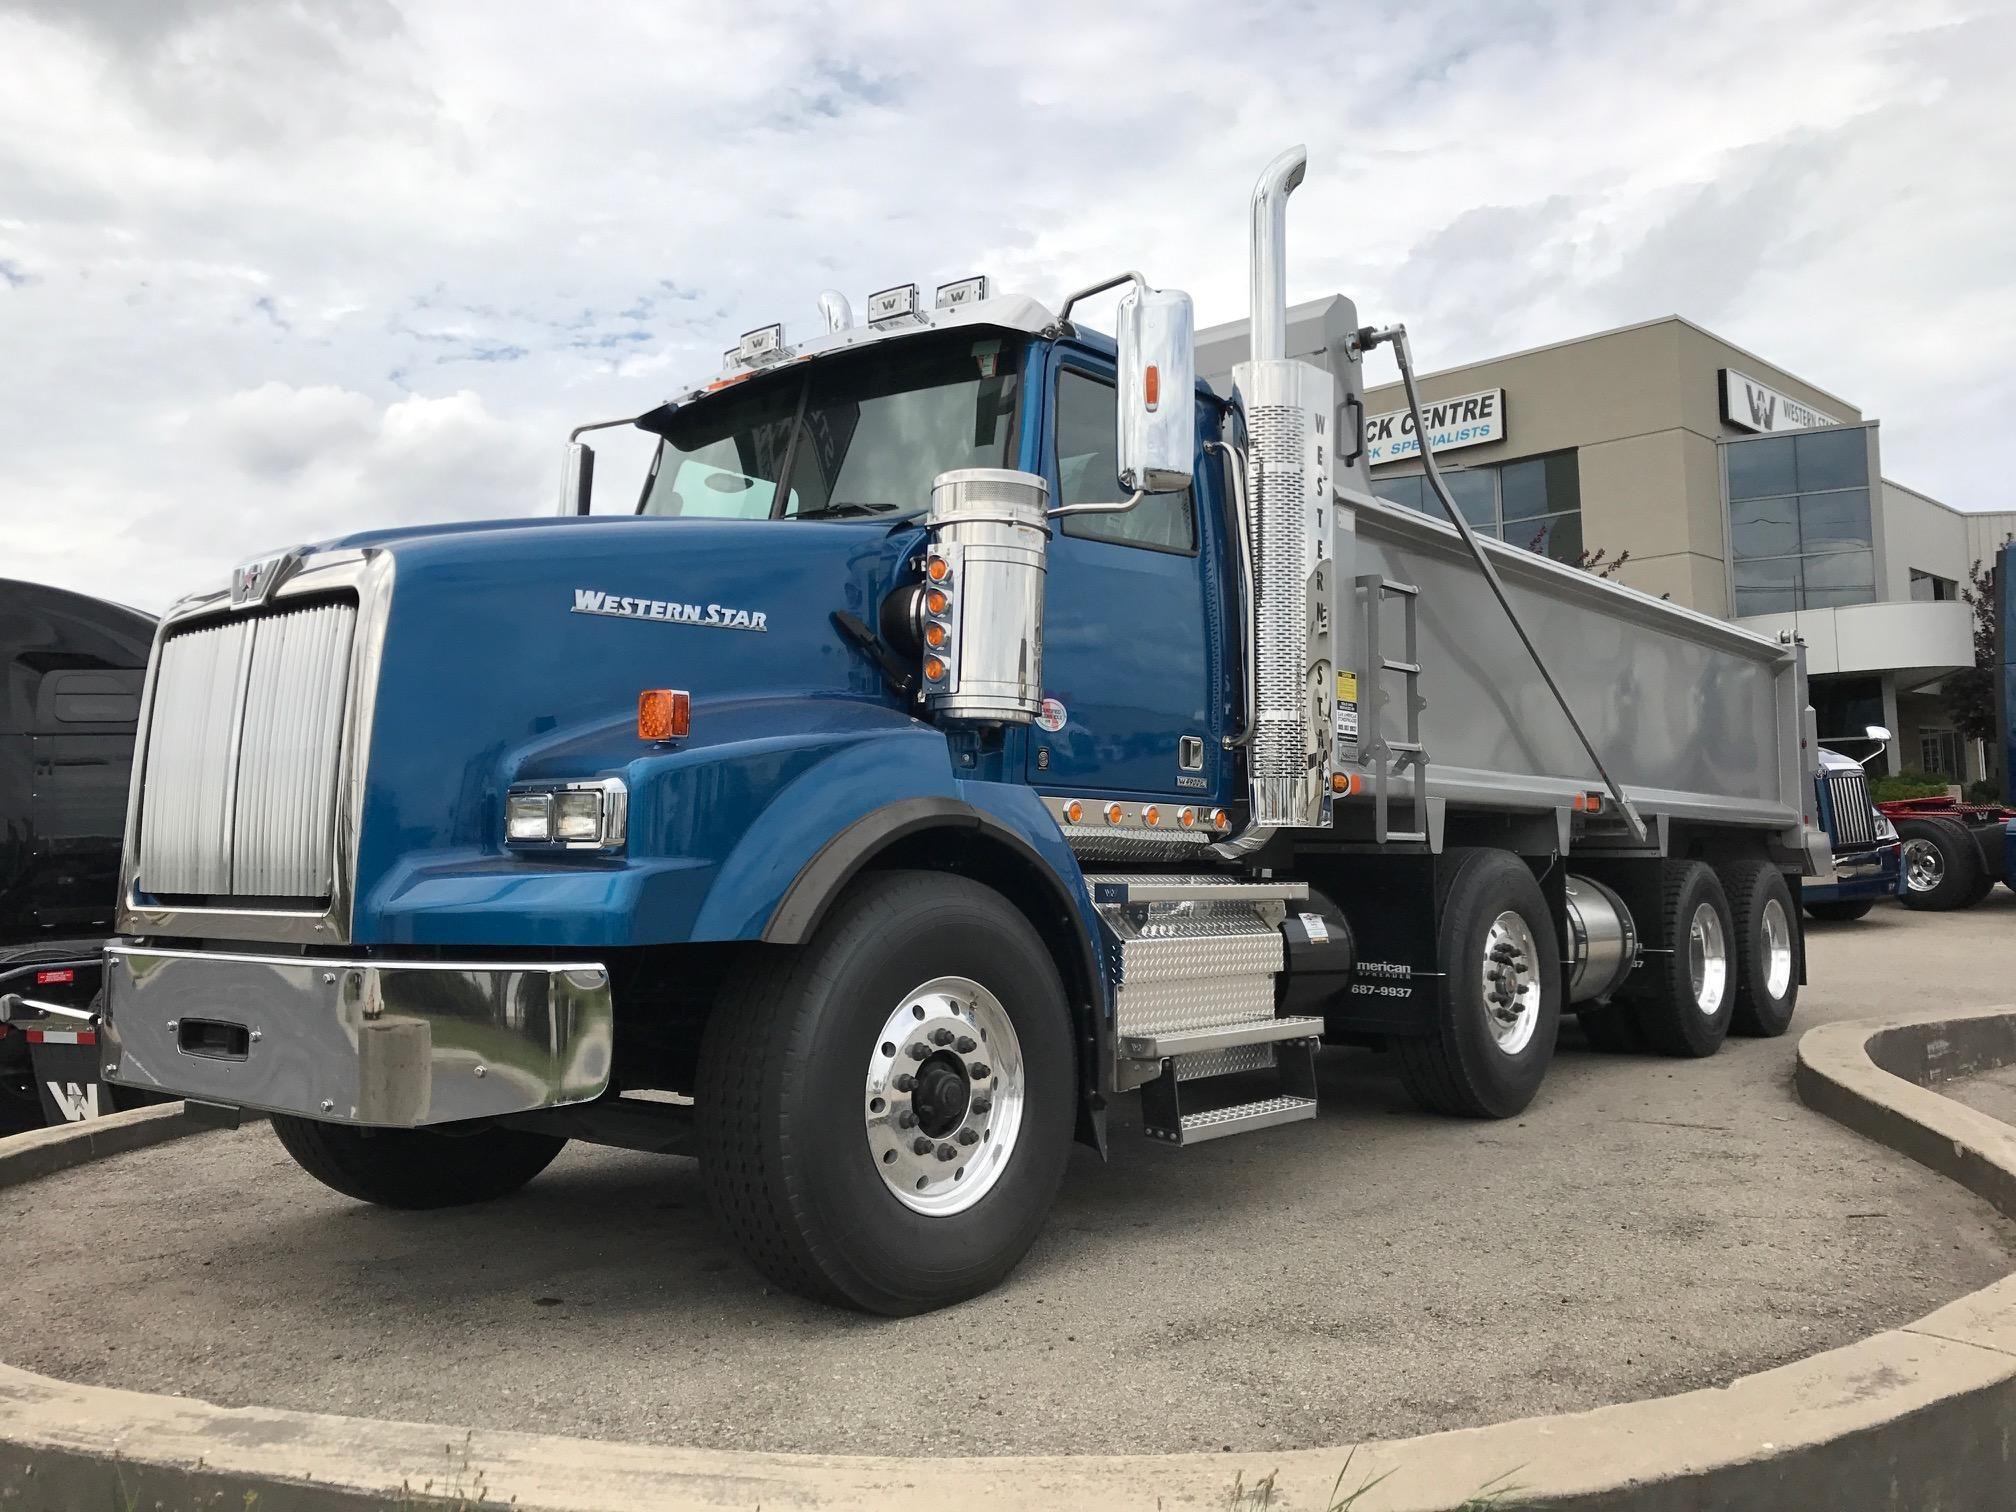 Trucking Western Star Trucks Trucks Dump Trucks